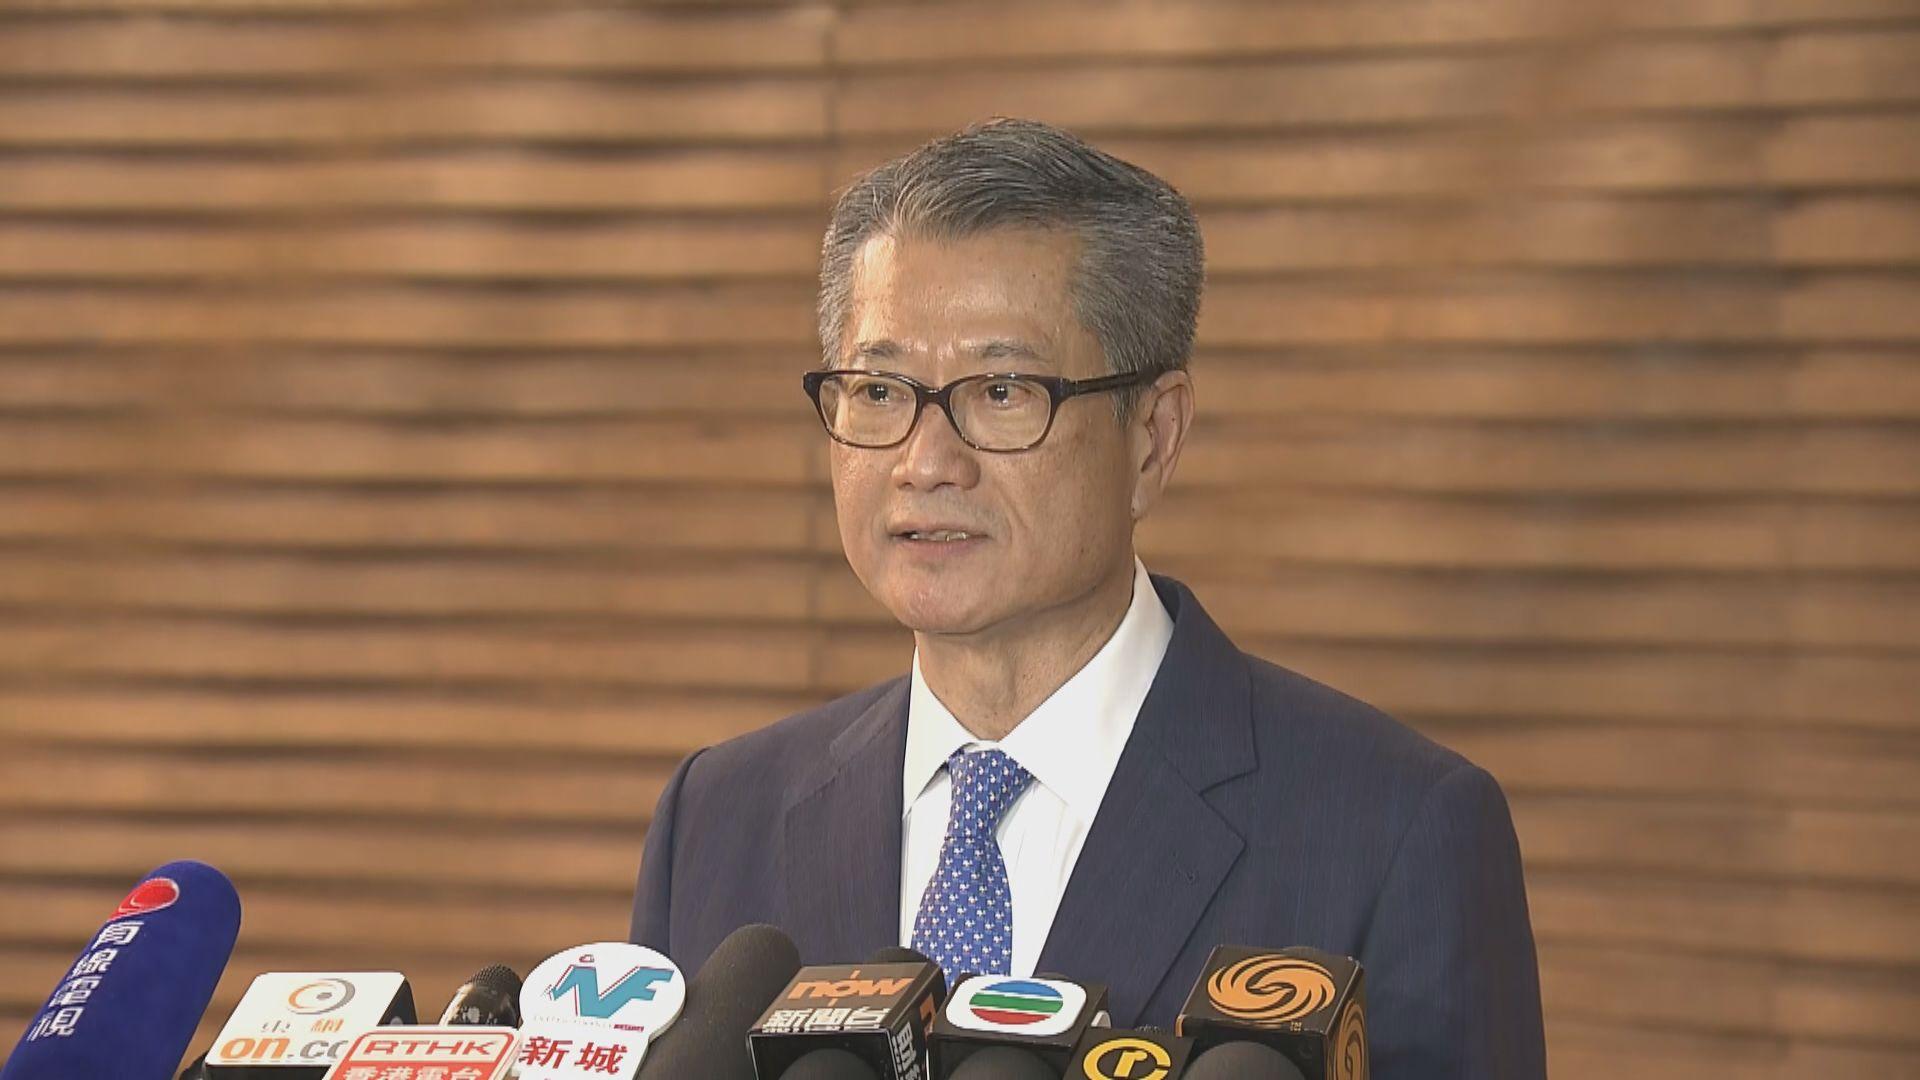 【徵空置稅】陳茂波:徵稅令樓價調整並非問題